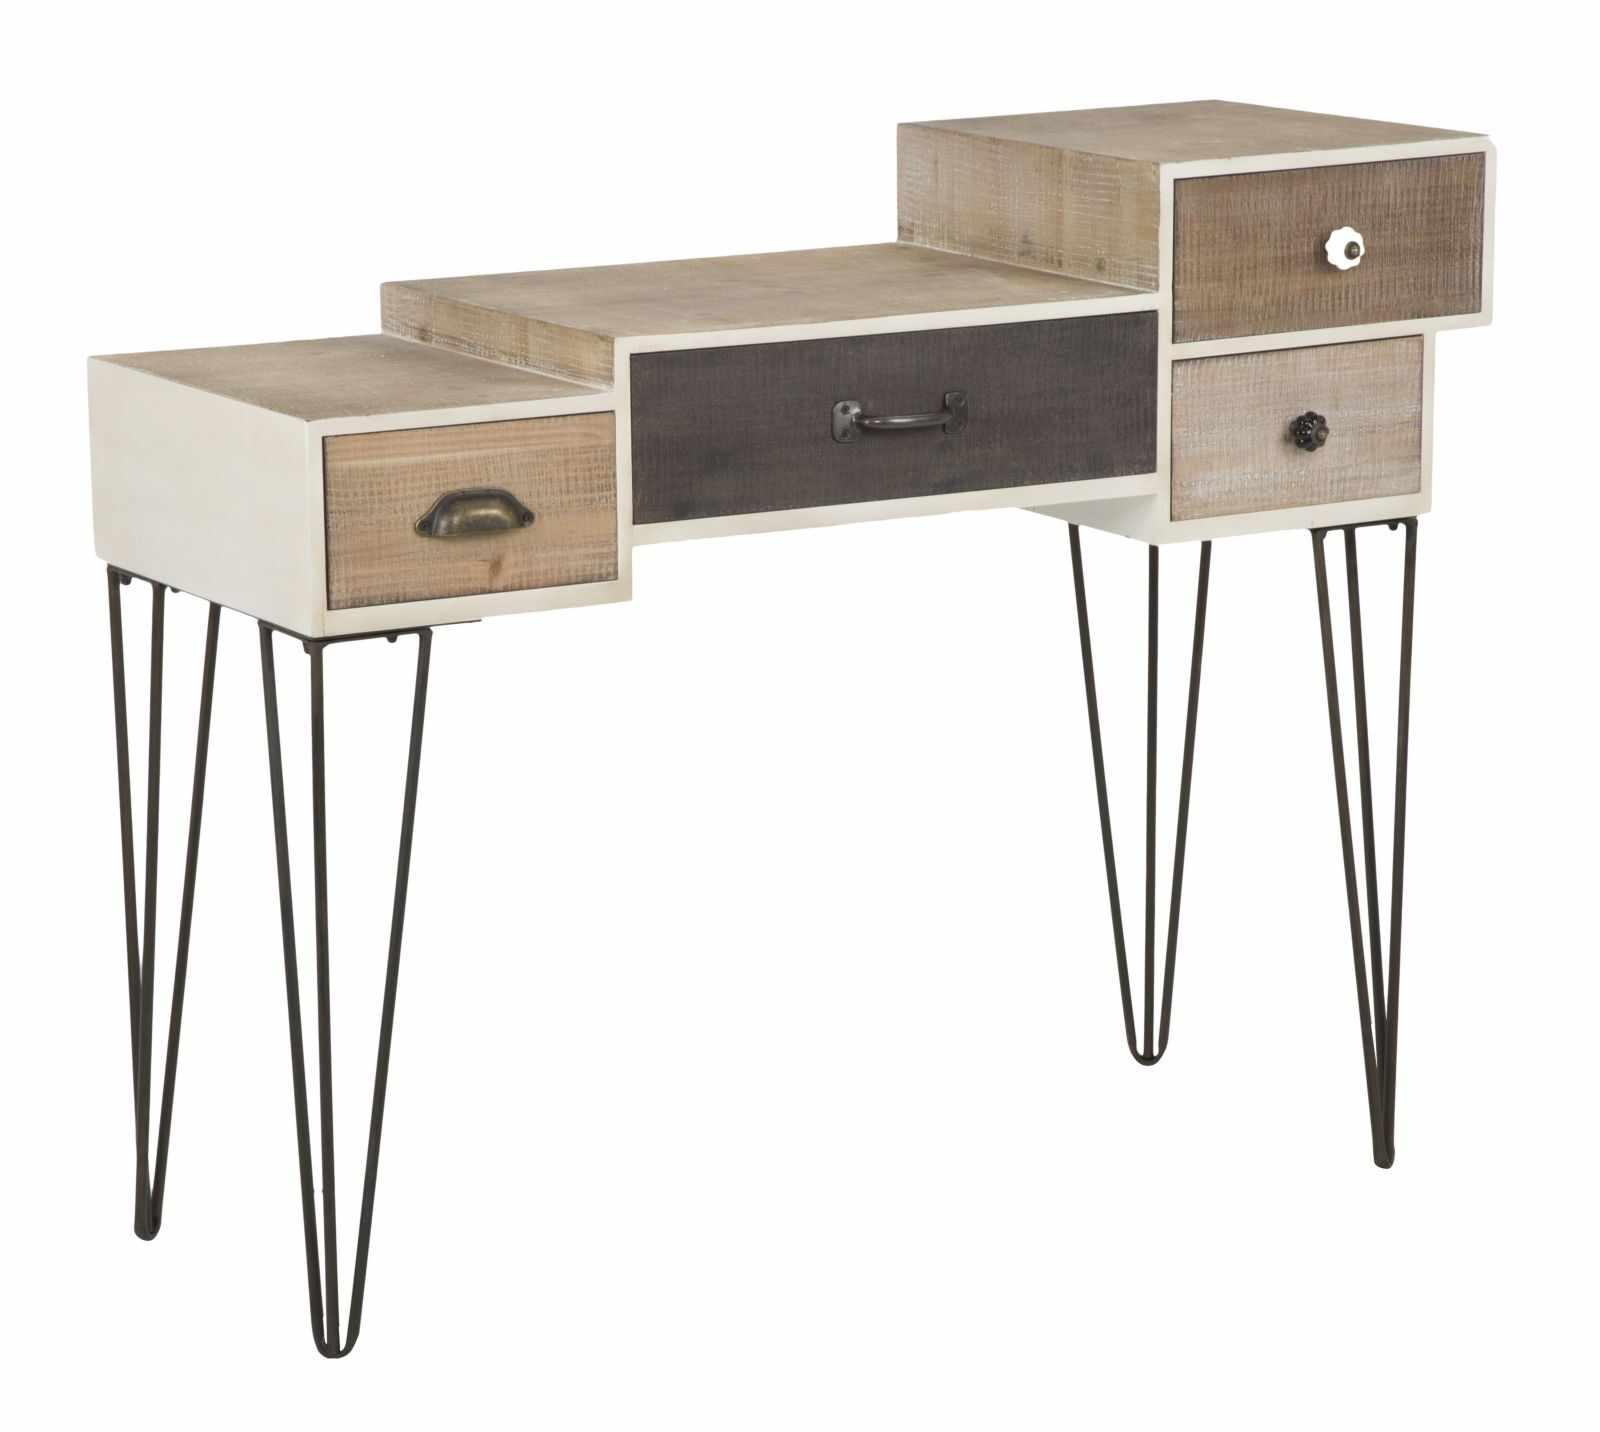 Consola din lemn, cu 4 sertare Raw Multicolor, l106xA44xH85 cm la pret 1095 lei